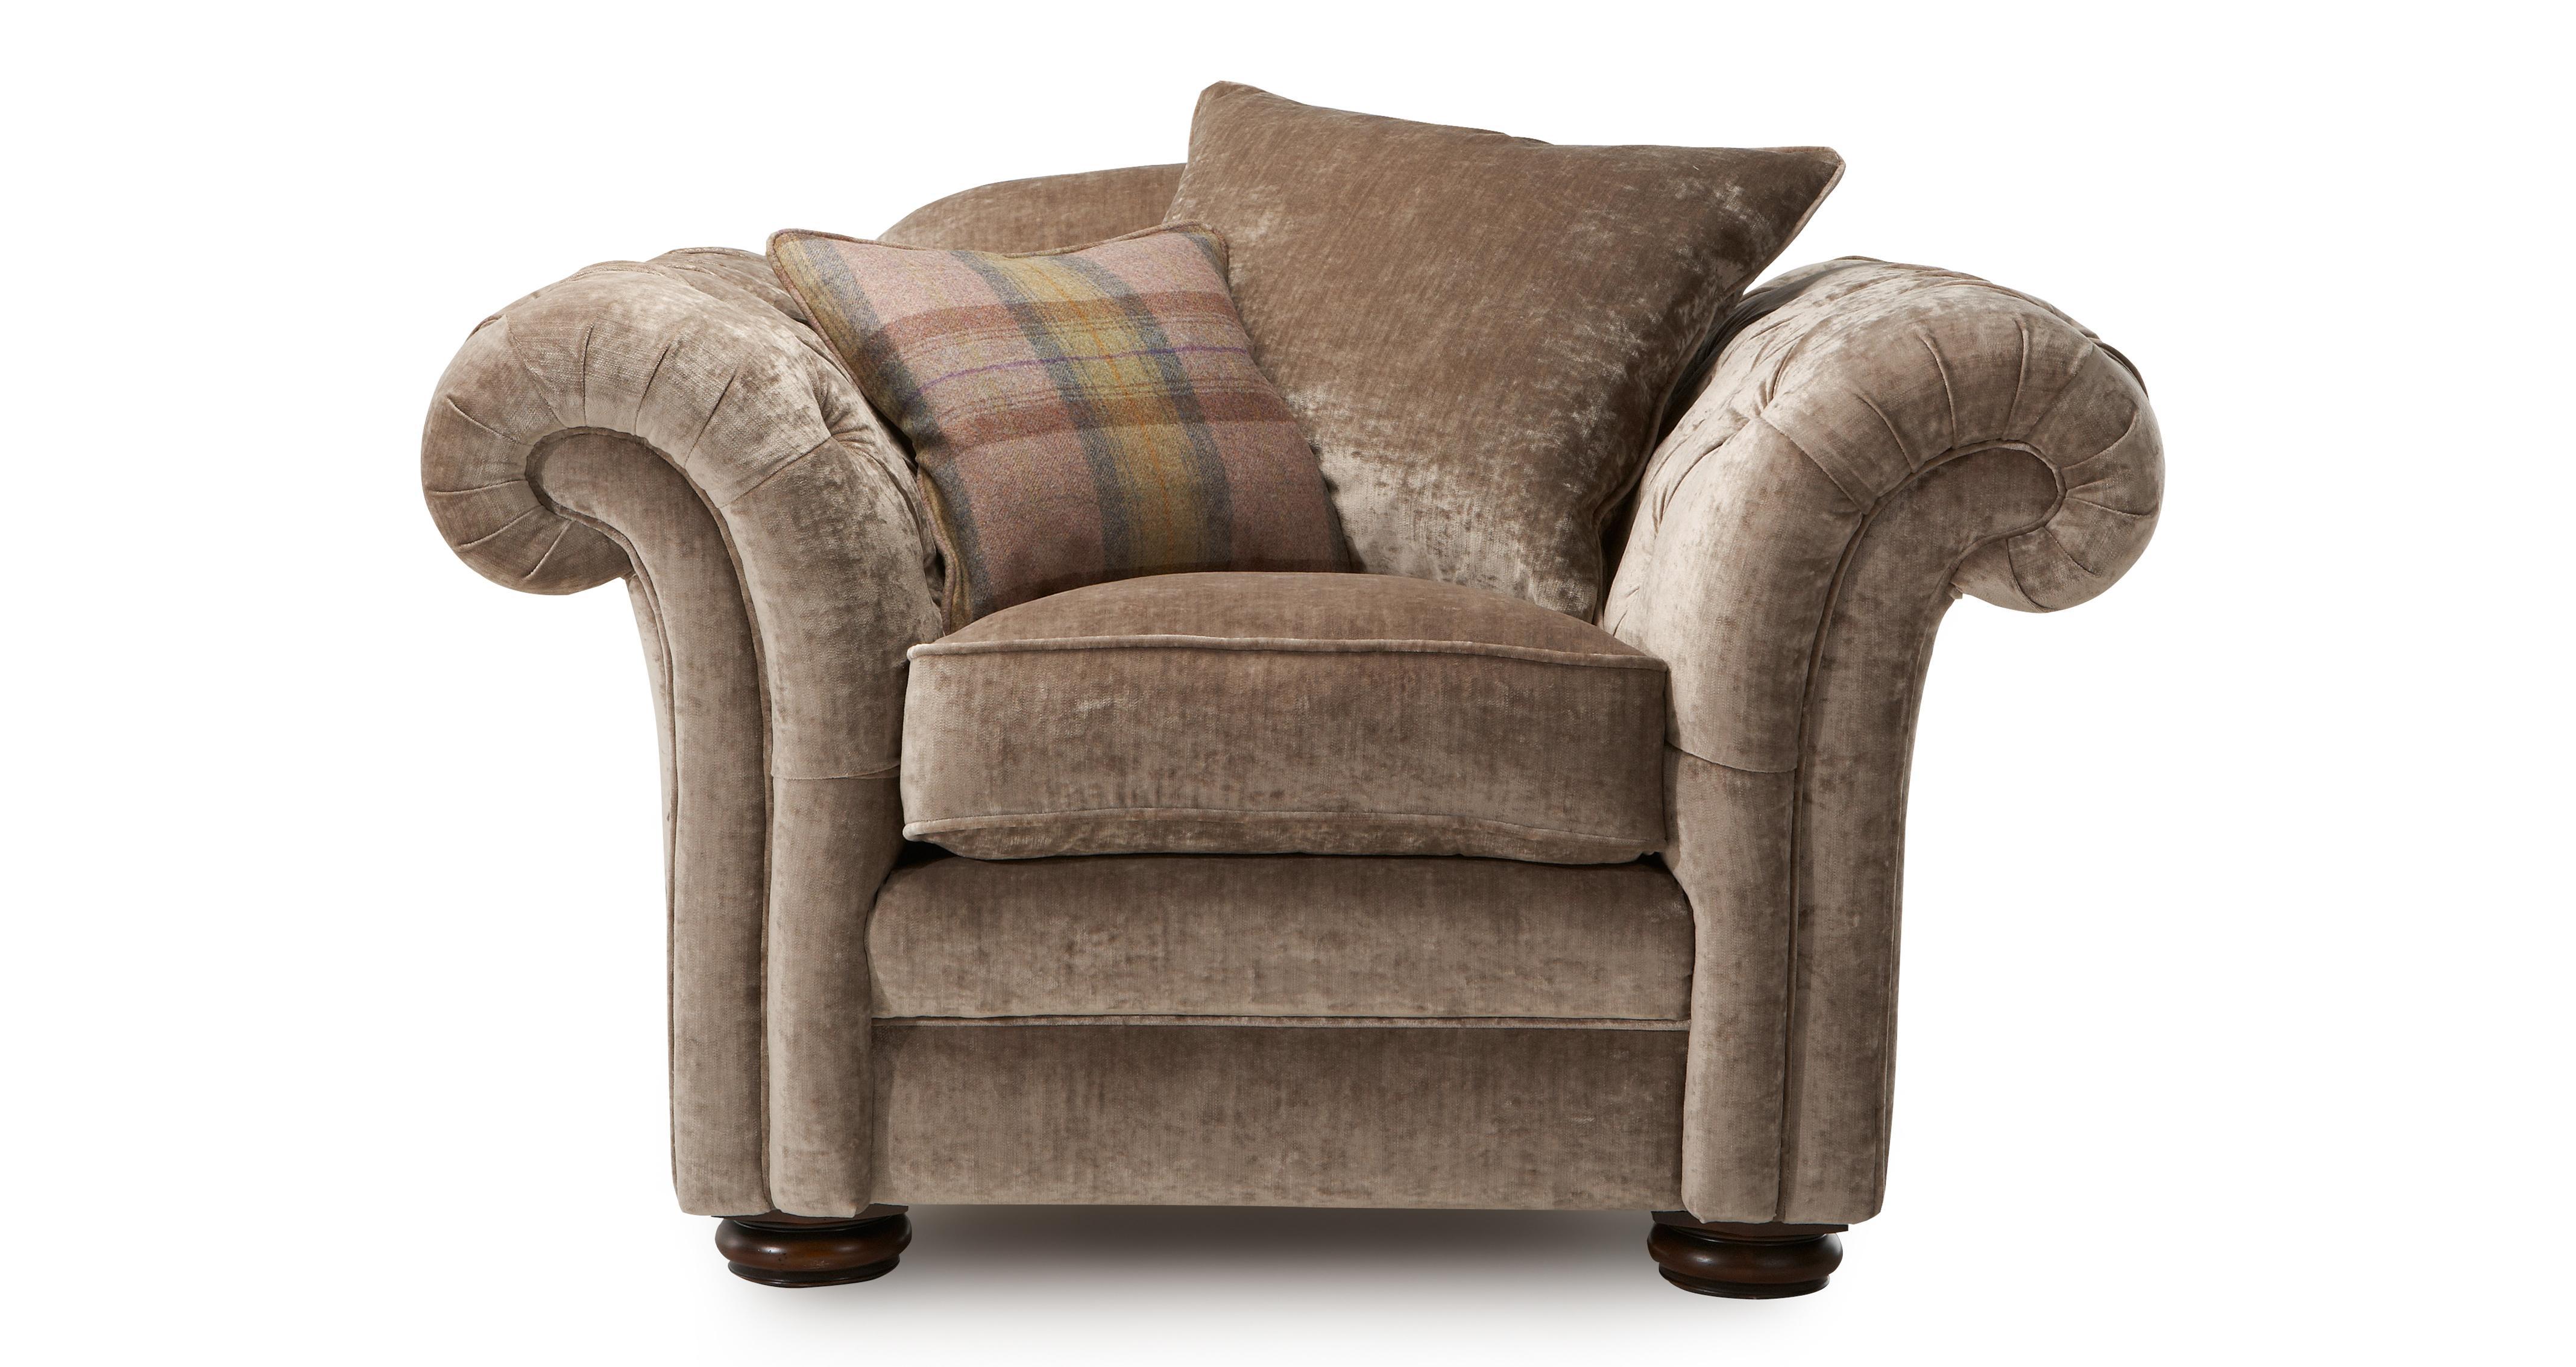 armchair pillow linen dining chair cushions loch leven back dfs